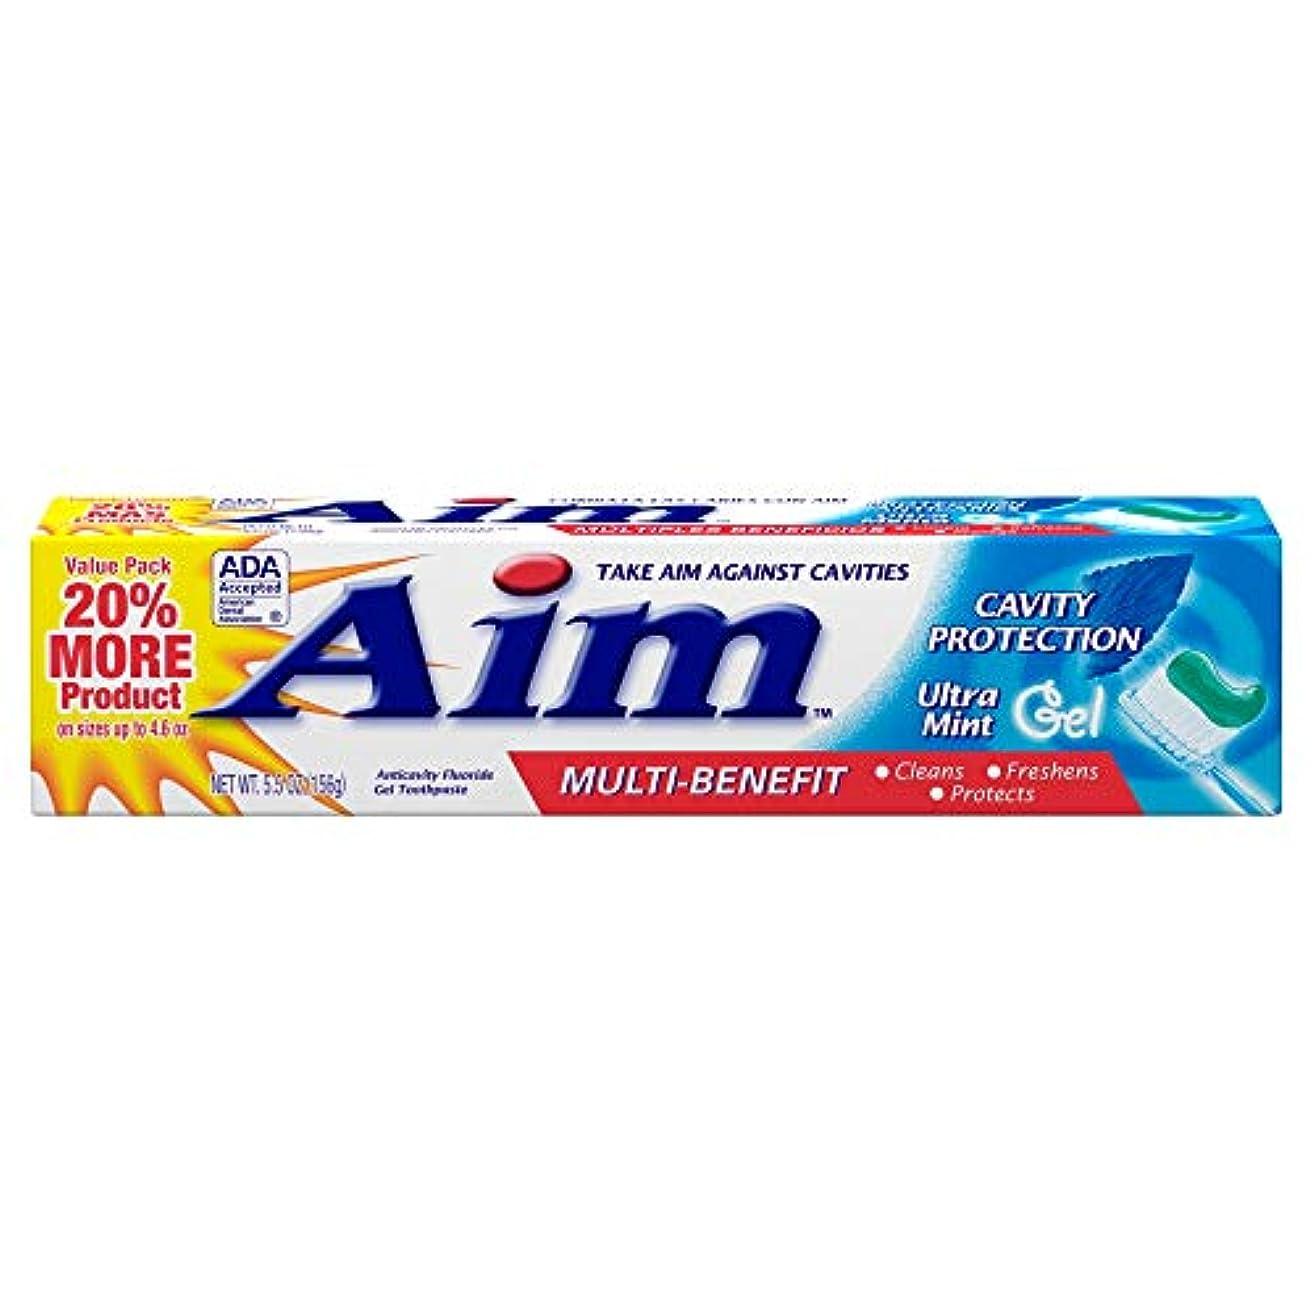 AIM 空洞保護歯磨きウルトラミントジェル、5.5オンス、4パック 4パック